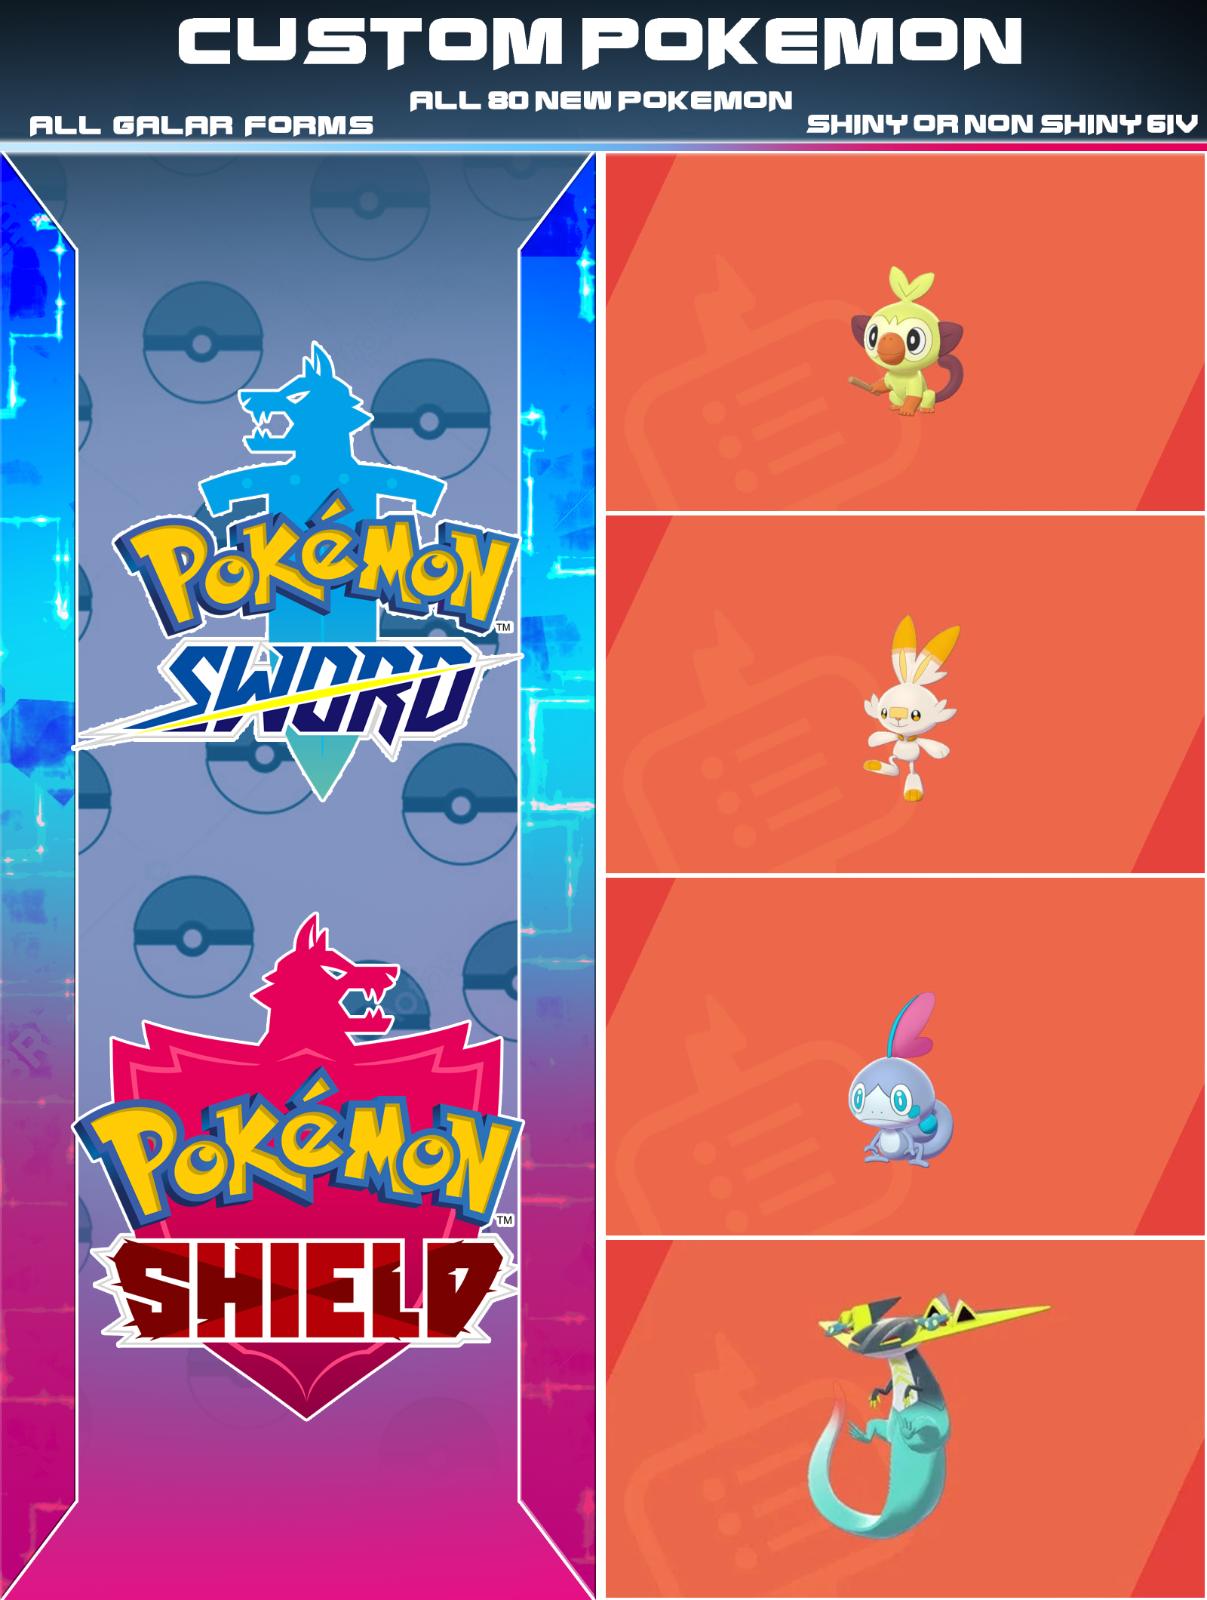 6IV Ultra Shiny Popplio Pokemon Sword and Shield Square Shiny